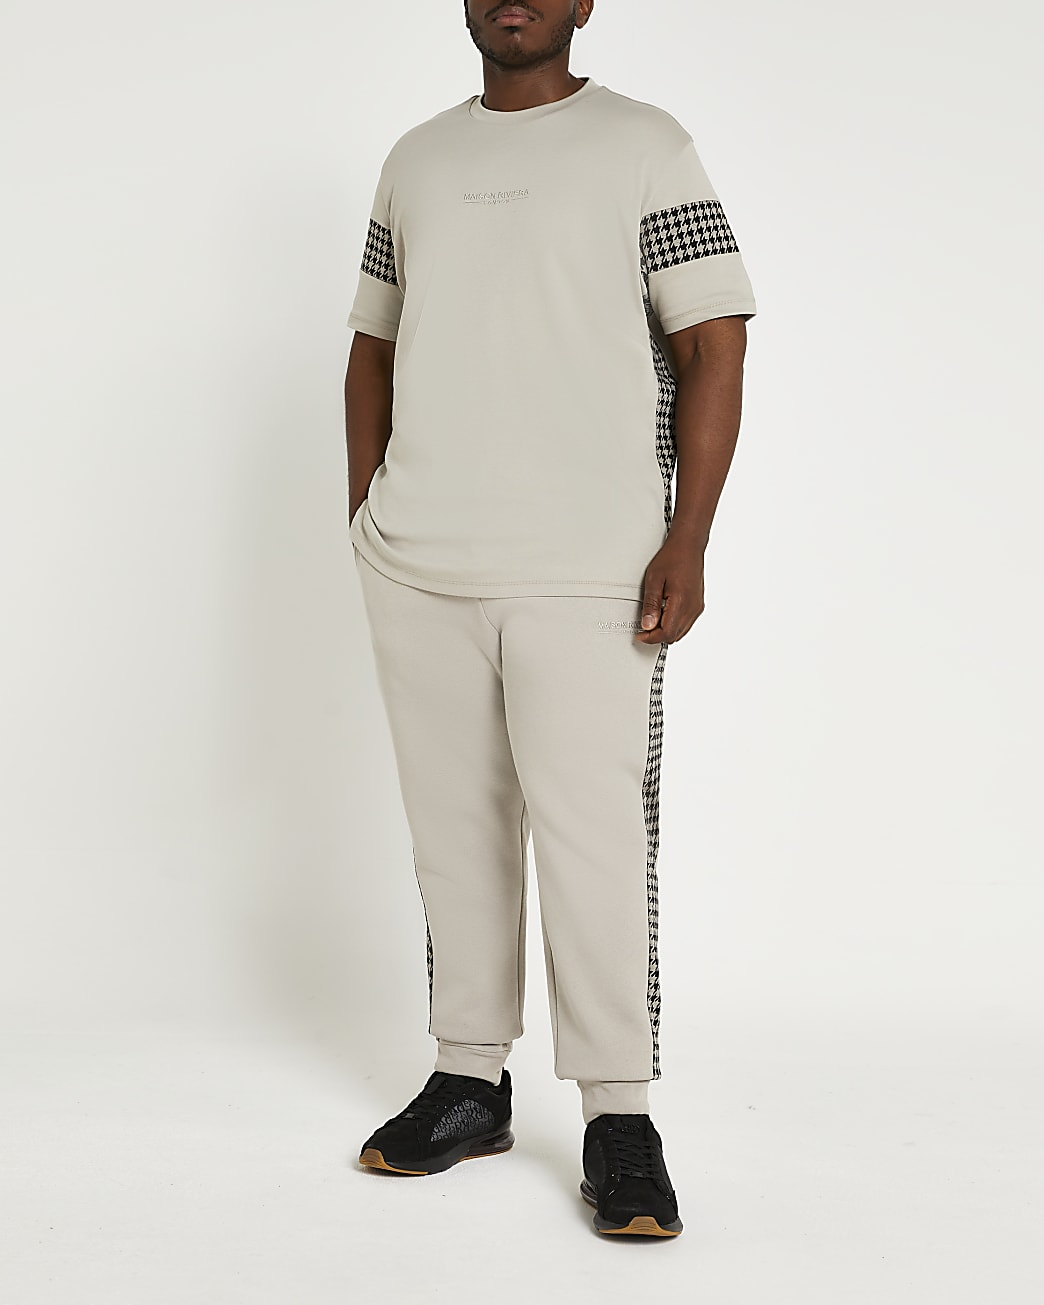 Big & Tall Maison Riviera check t-shirt